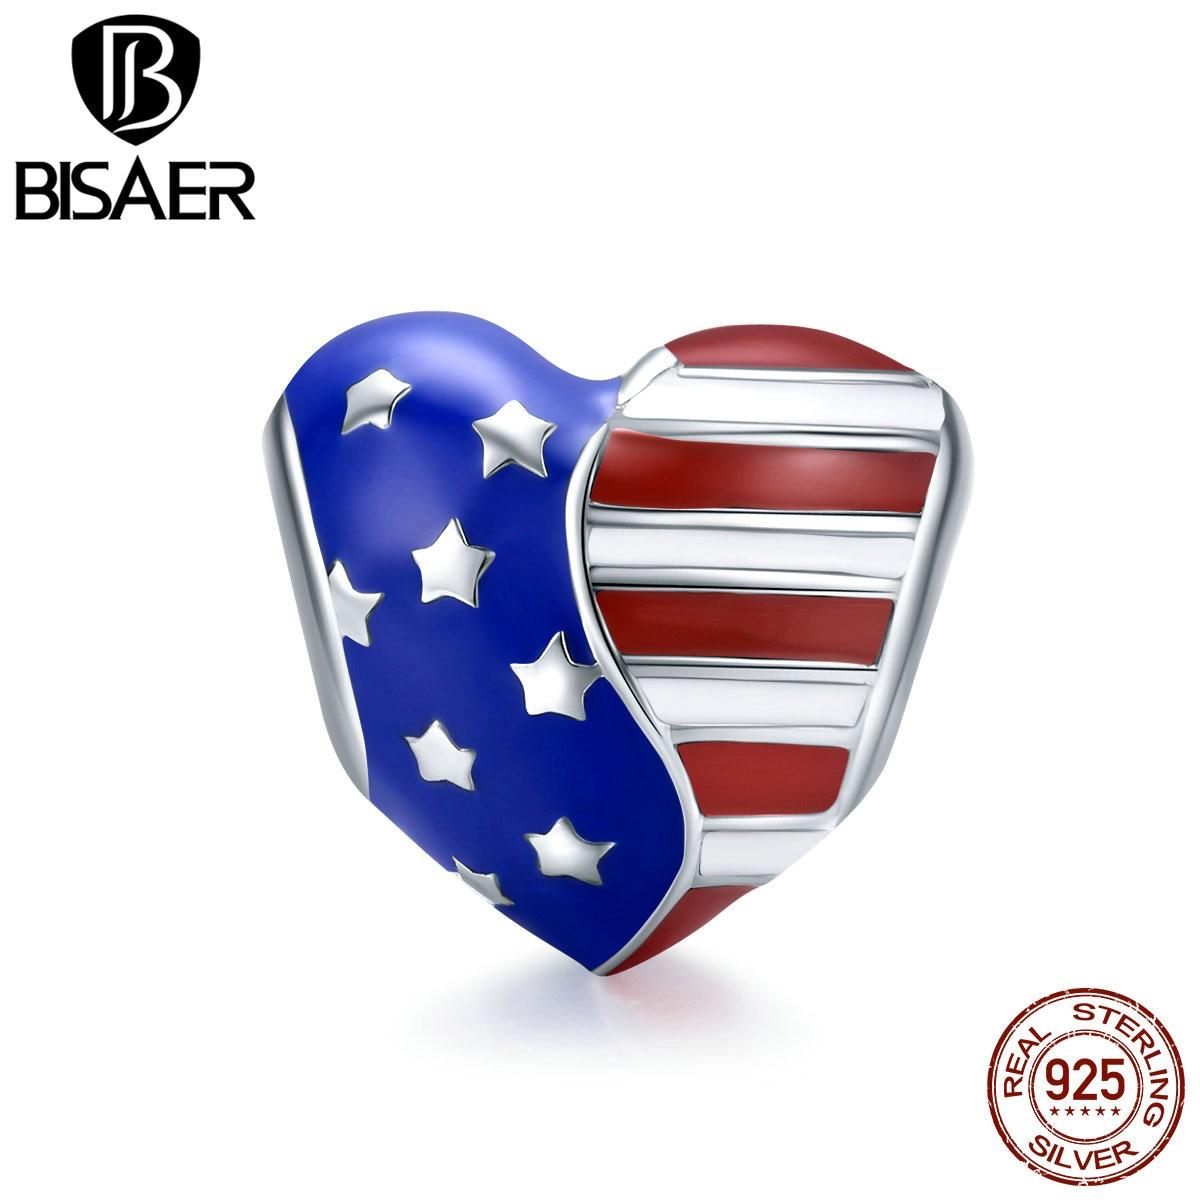 Подвески с американским флагом BISAER, подвески из серебра 925 пробы с сердечками и звездами США, браслеты-подвески для самостоятельного изгото...